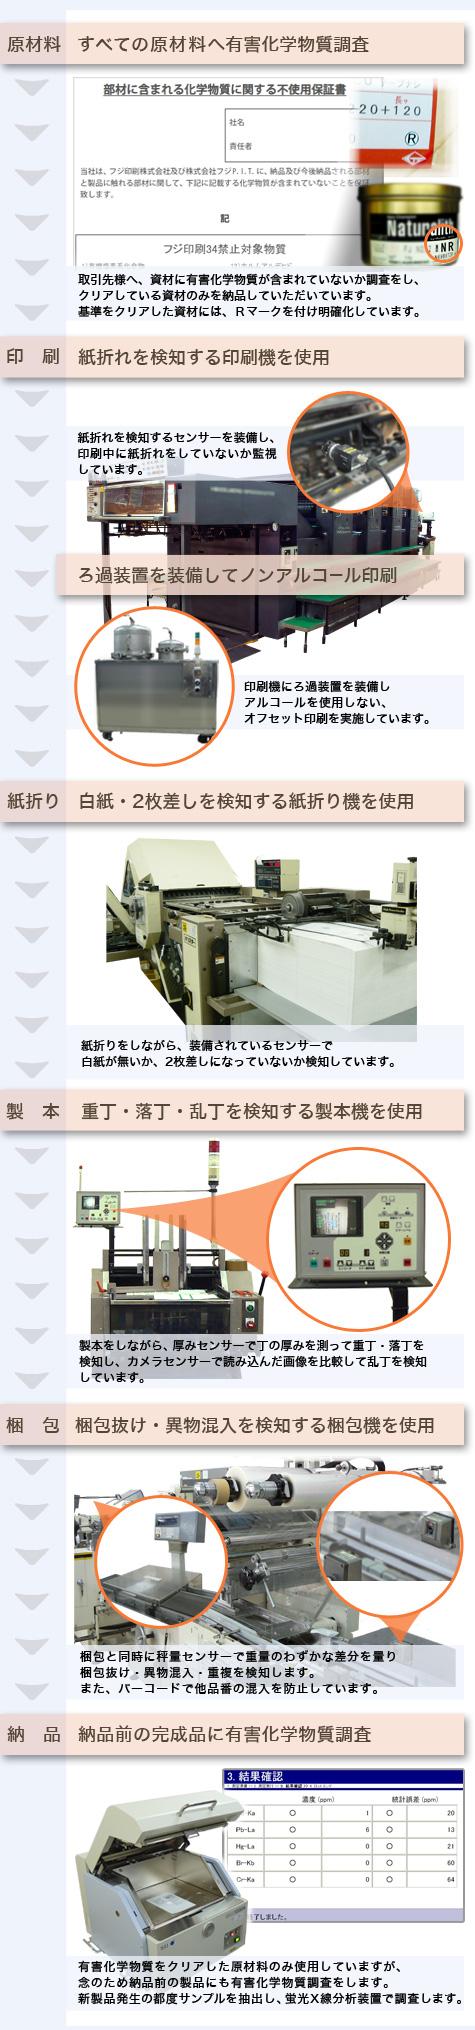 印刷工程に導入している品質管理と環境対策のイメージ